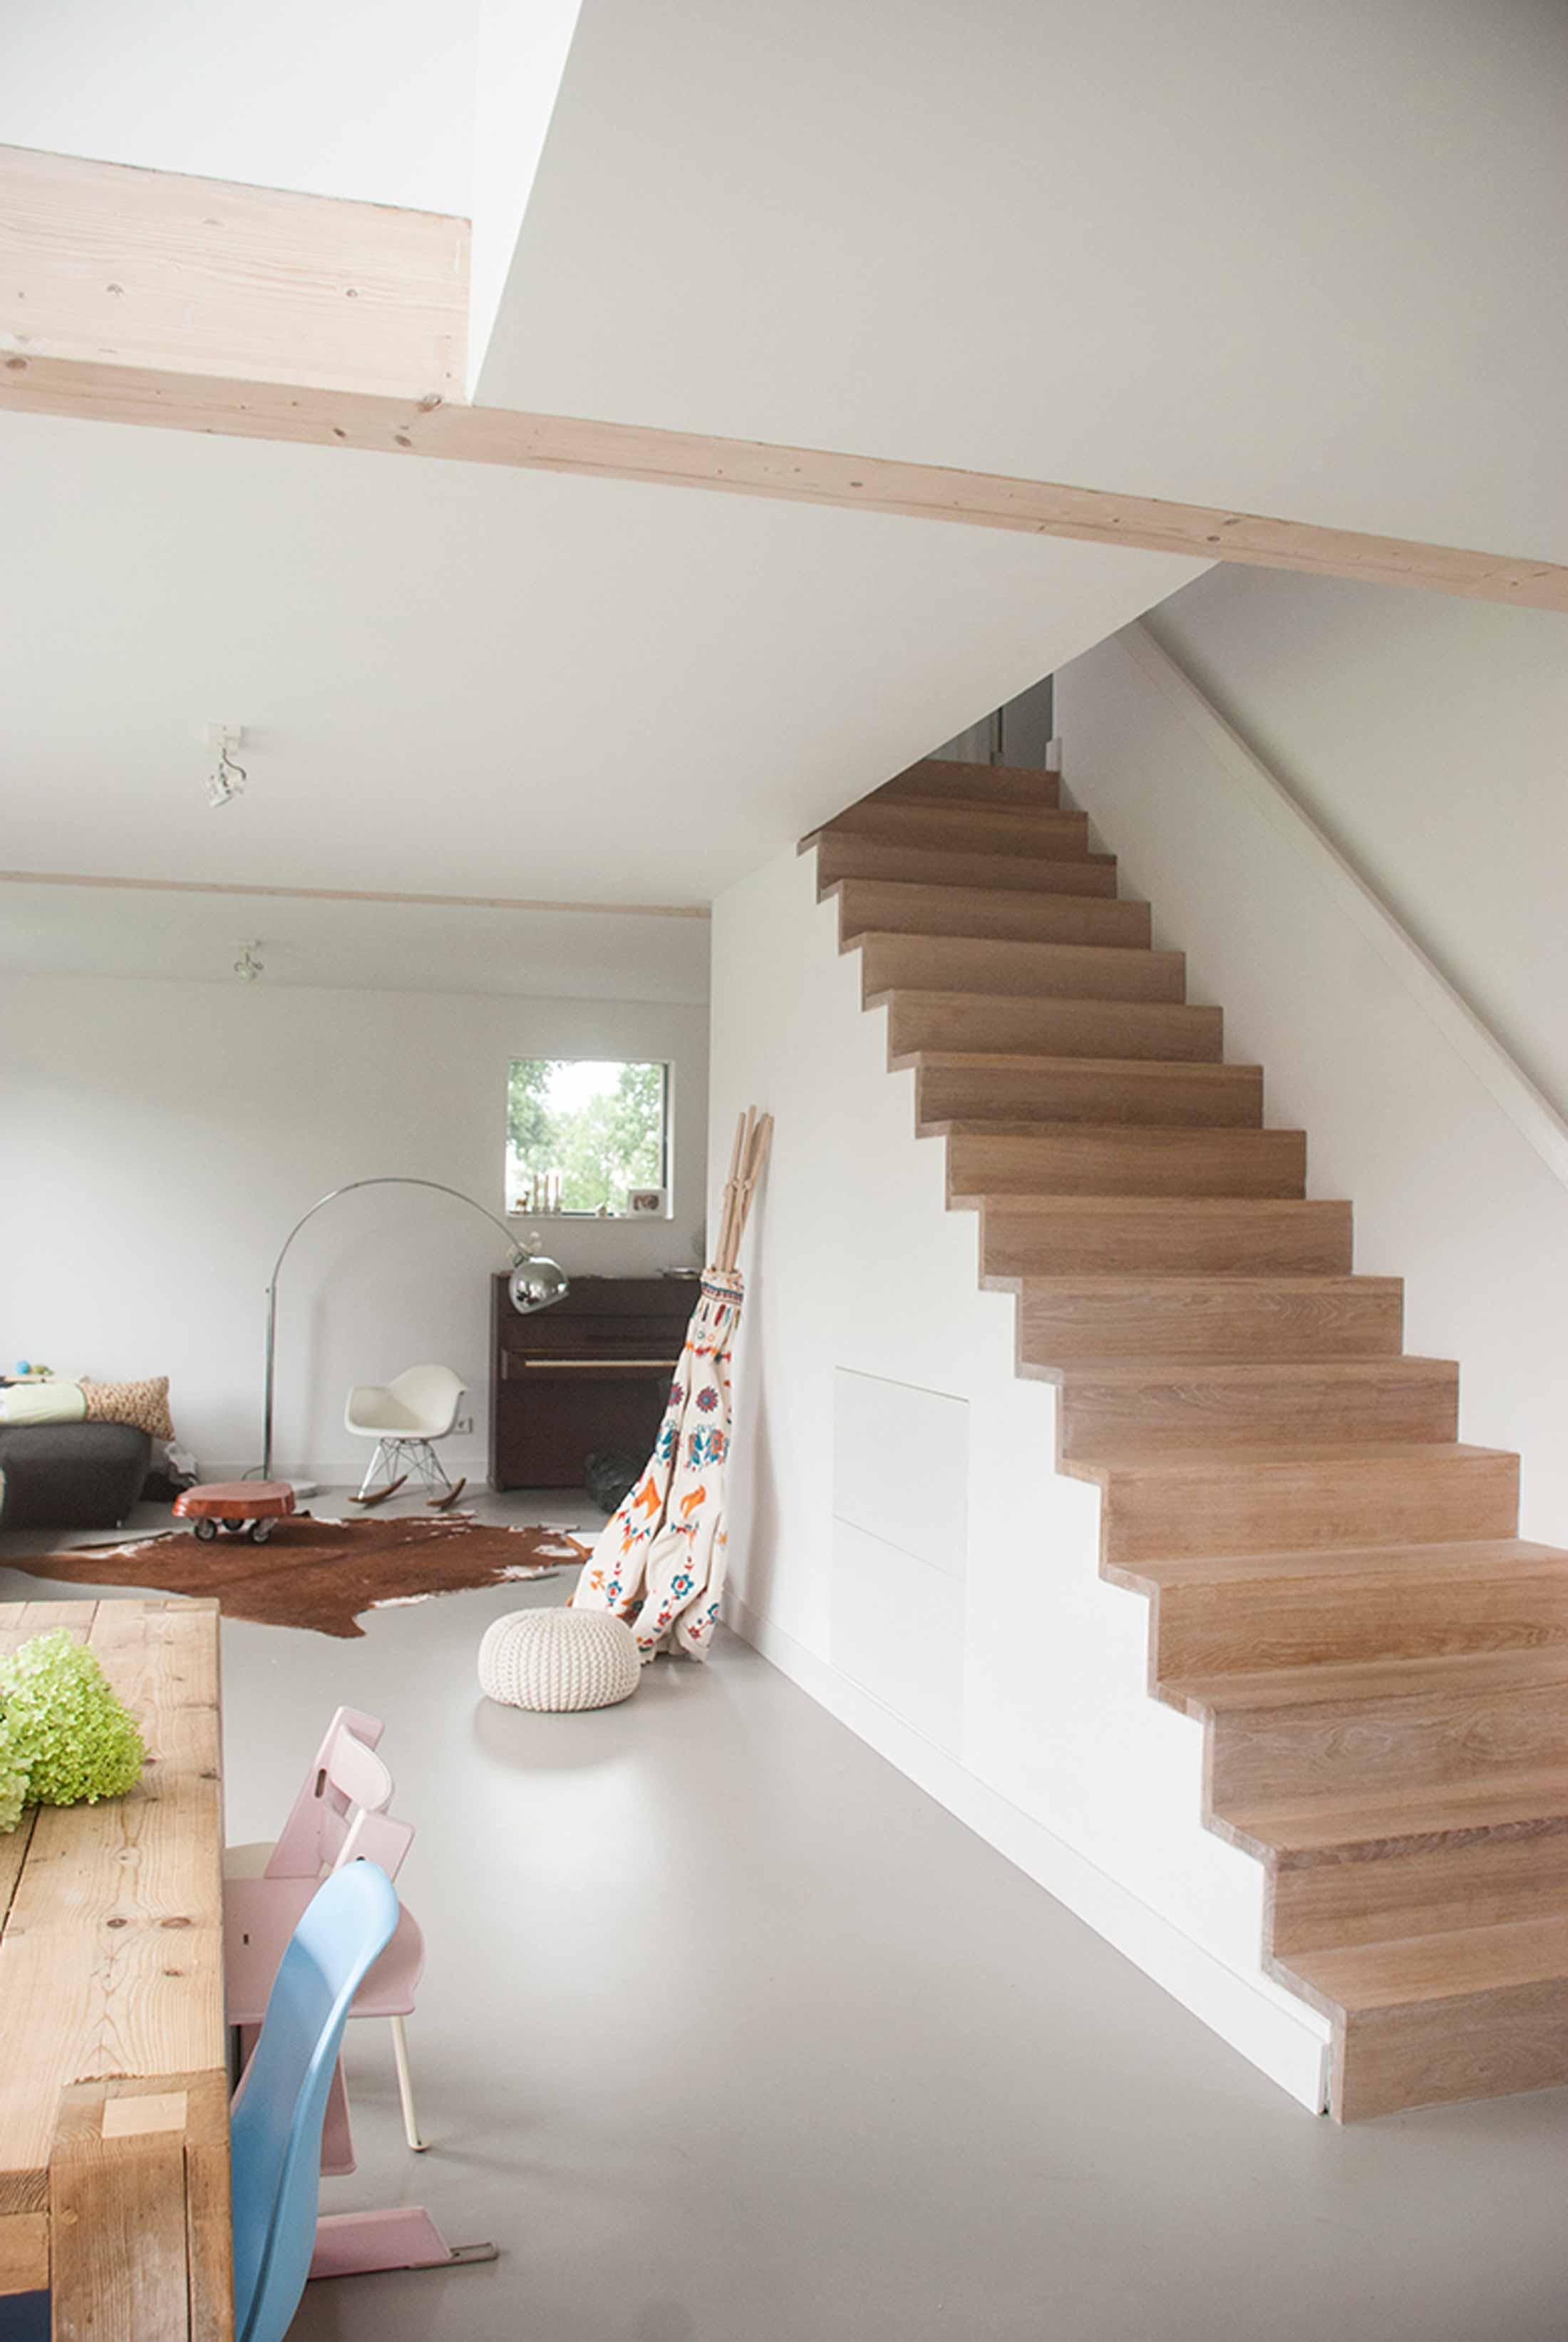 Westerbreedte architecten | schuurwoning houtskeletbouw vrije kavel ...